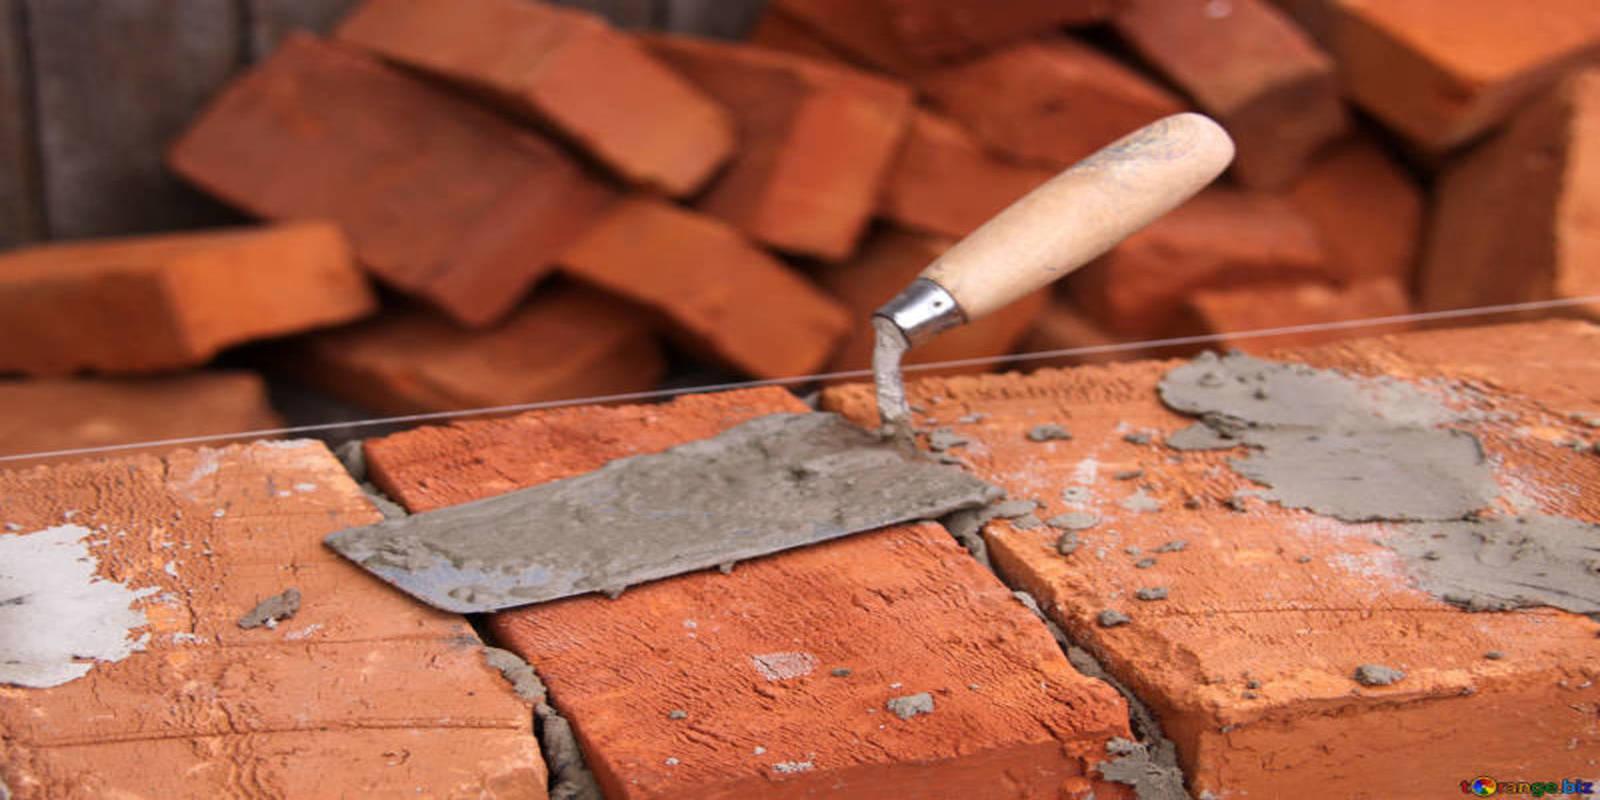 ricostruzione-post-terremoto:-agevolazioni,-interventi-e-procedure-da-seguire